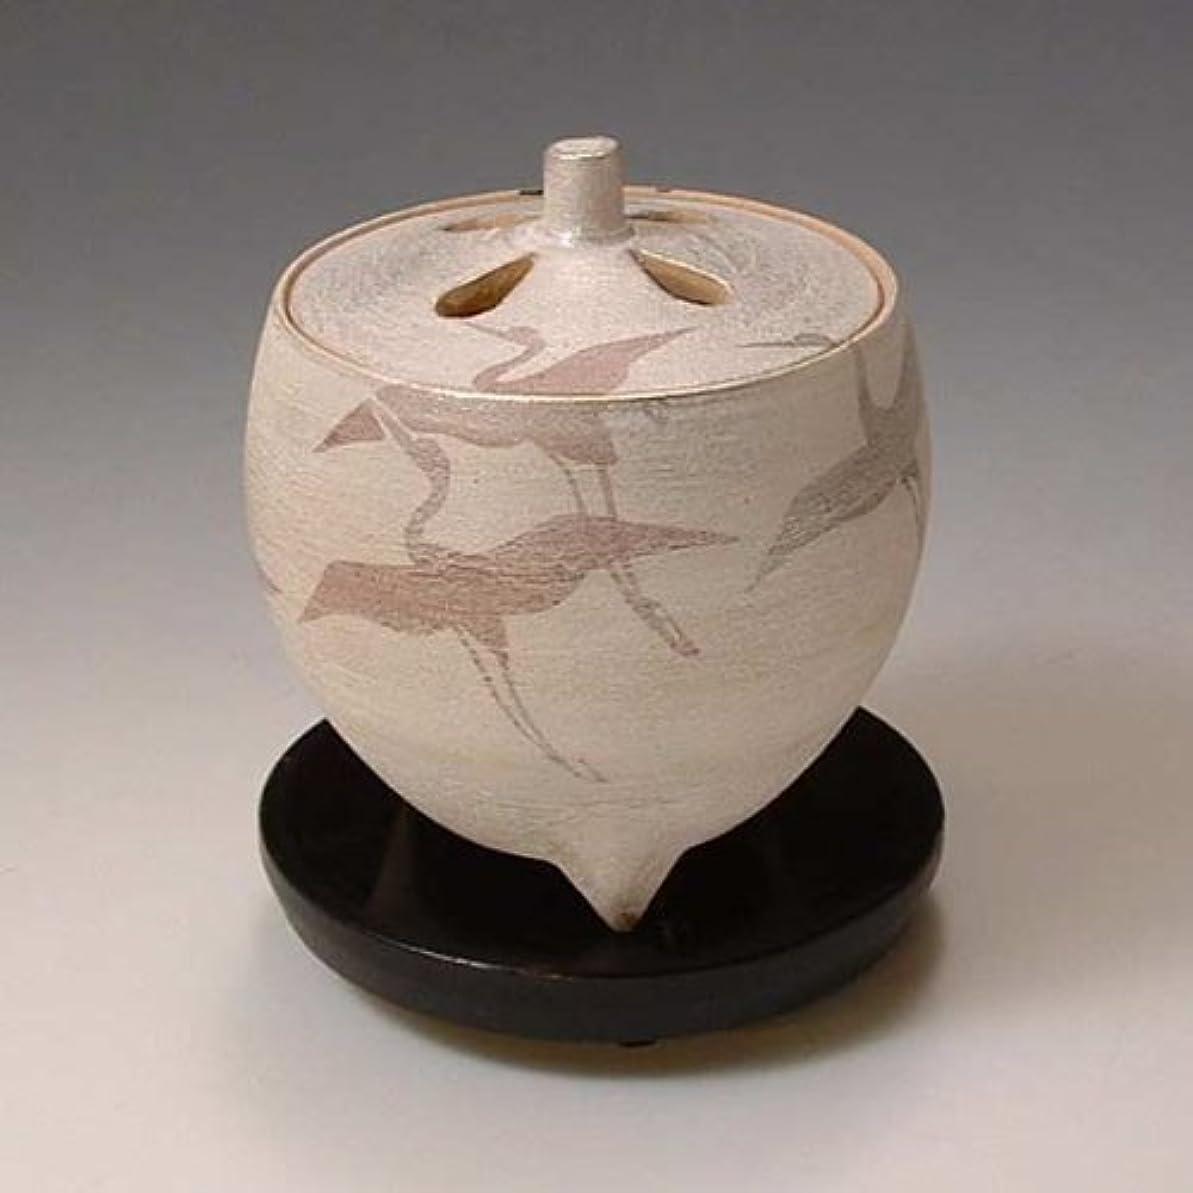 ケント傷つける感情YXI055 清水焼 京焼 豆香炉(黒台付) ギフト 翔鶴 しょうかく